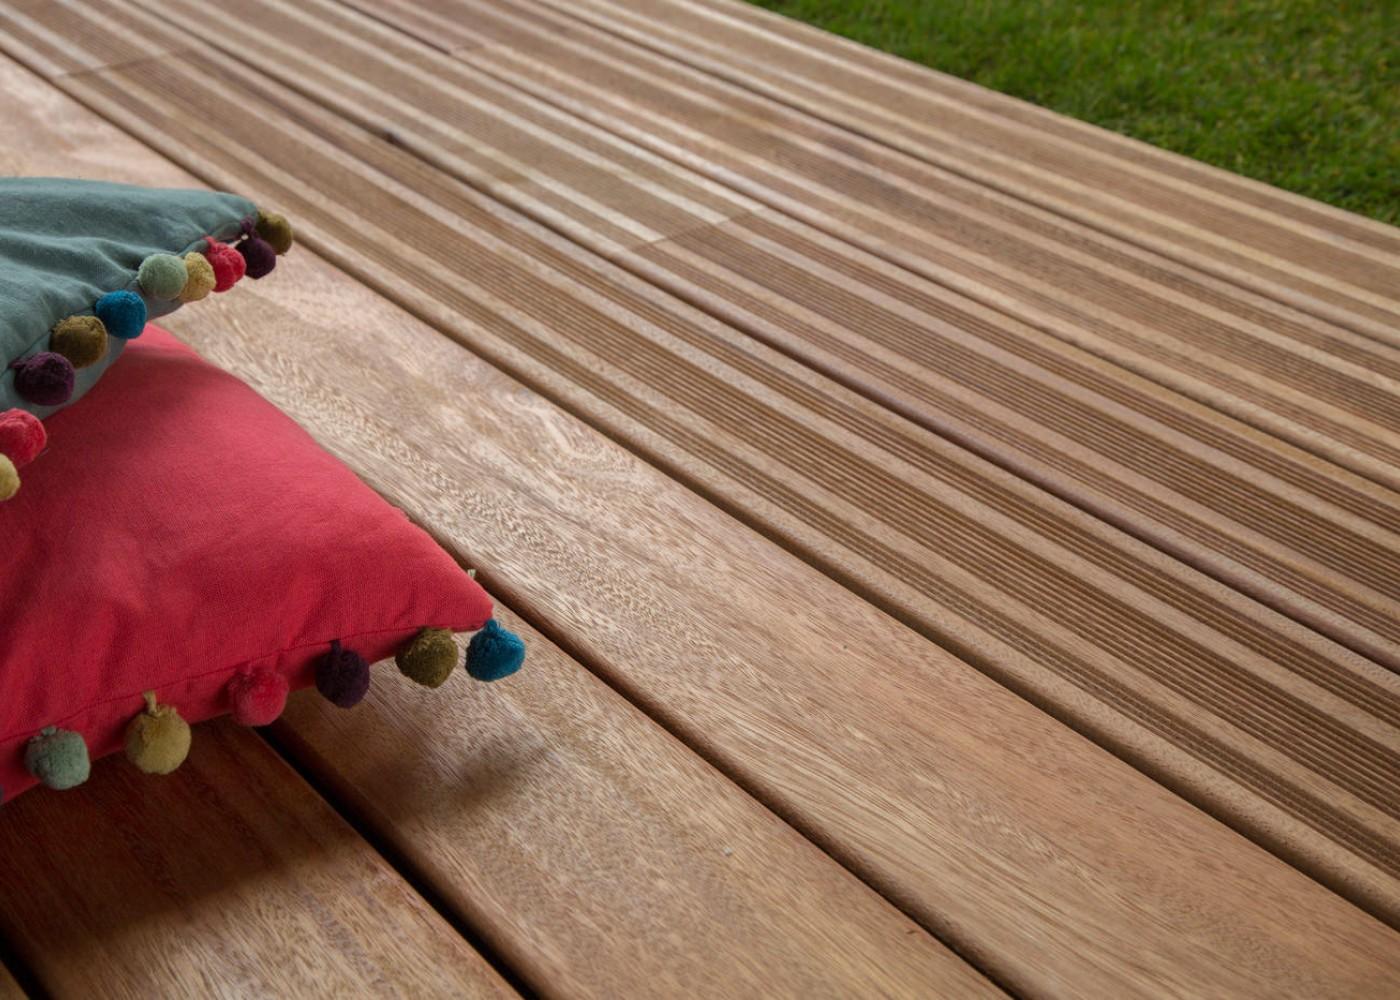 Elondo choix courant fixation invisible 1 face lisse - rainure et languette en bout - (longueurs 30 % de 800 à 1500 mm et 70 % +de 1600mm) long. max 2400mm